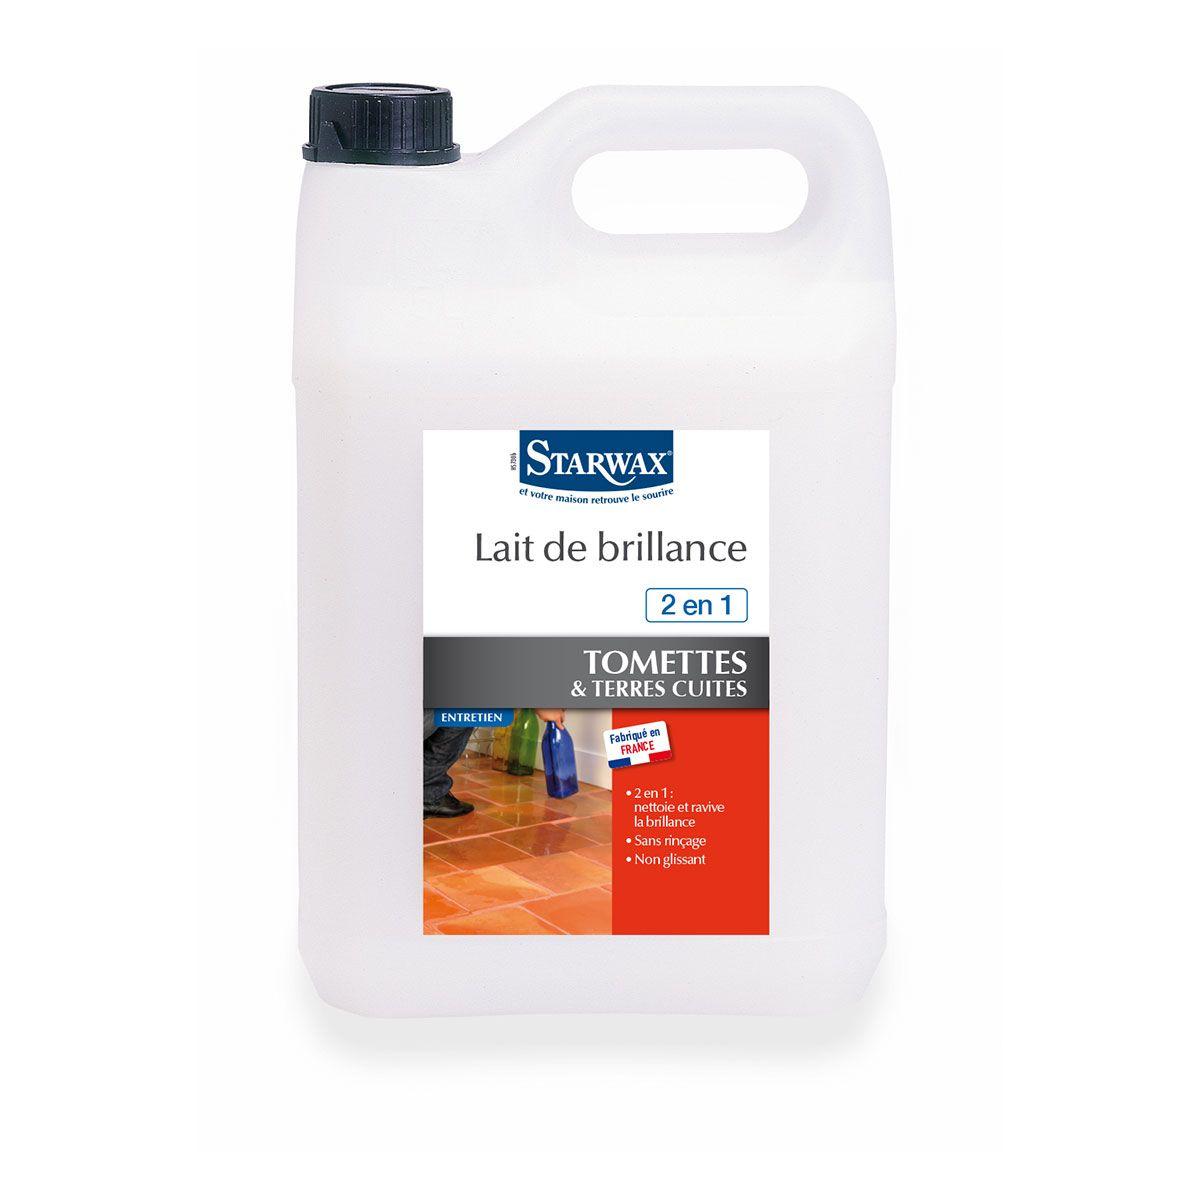 350-lait-brillance-tomettes-terres-cuites-01